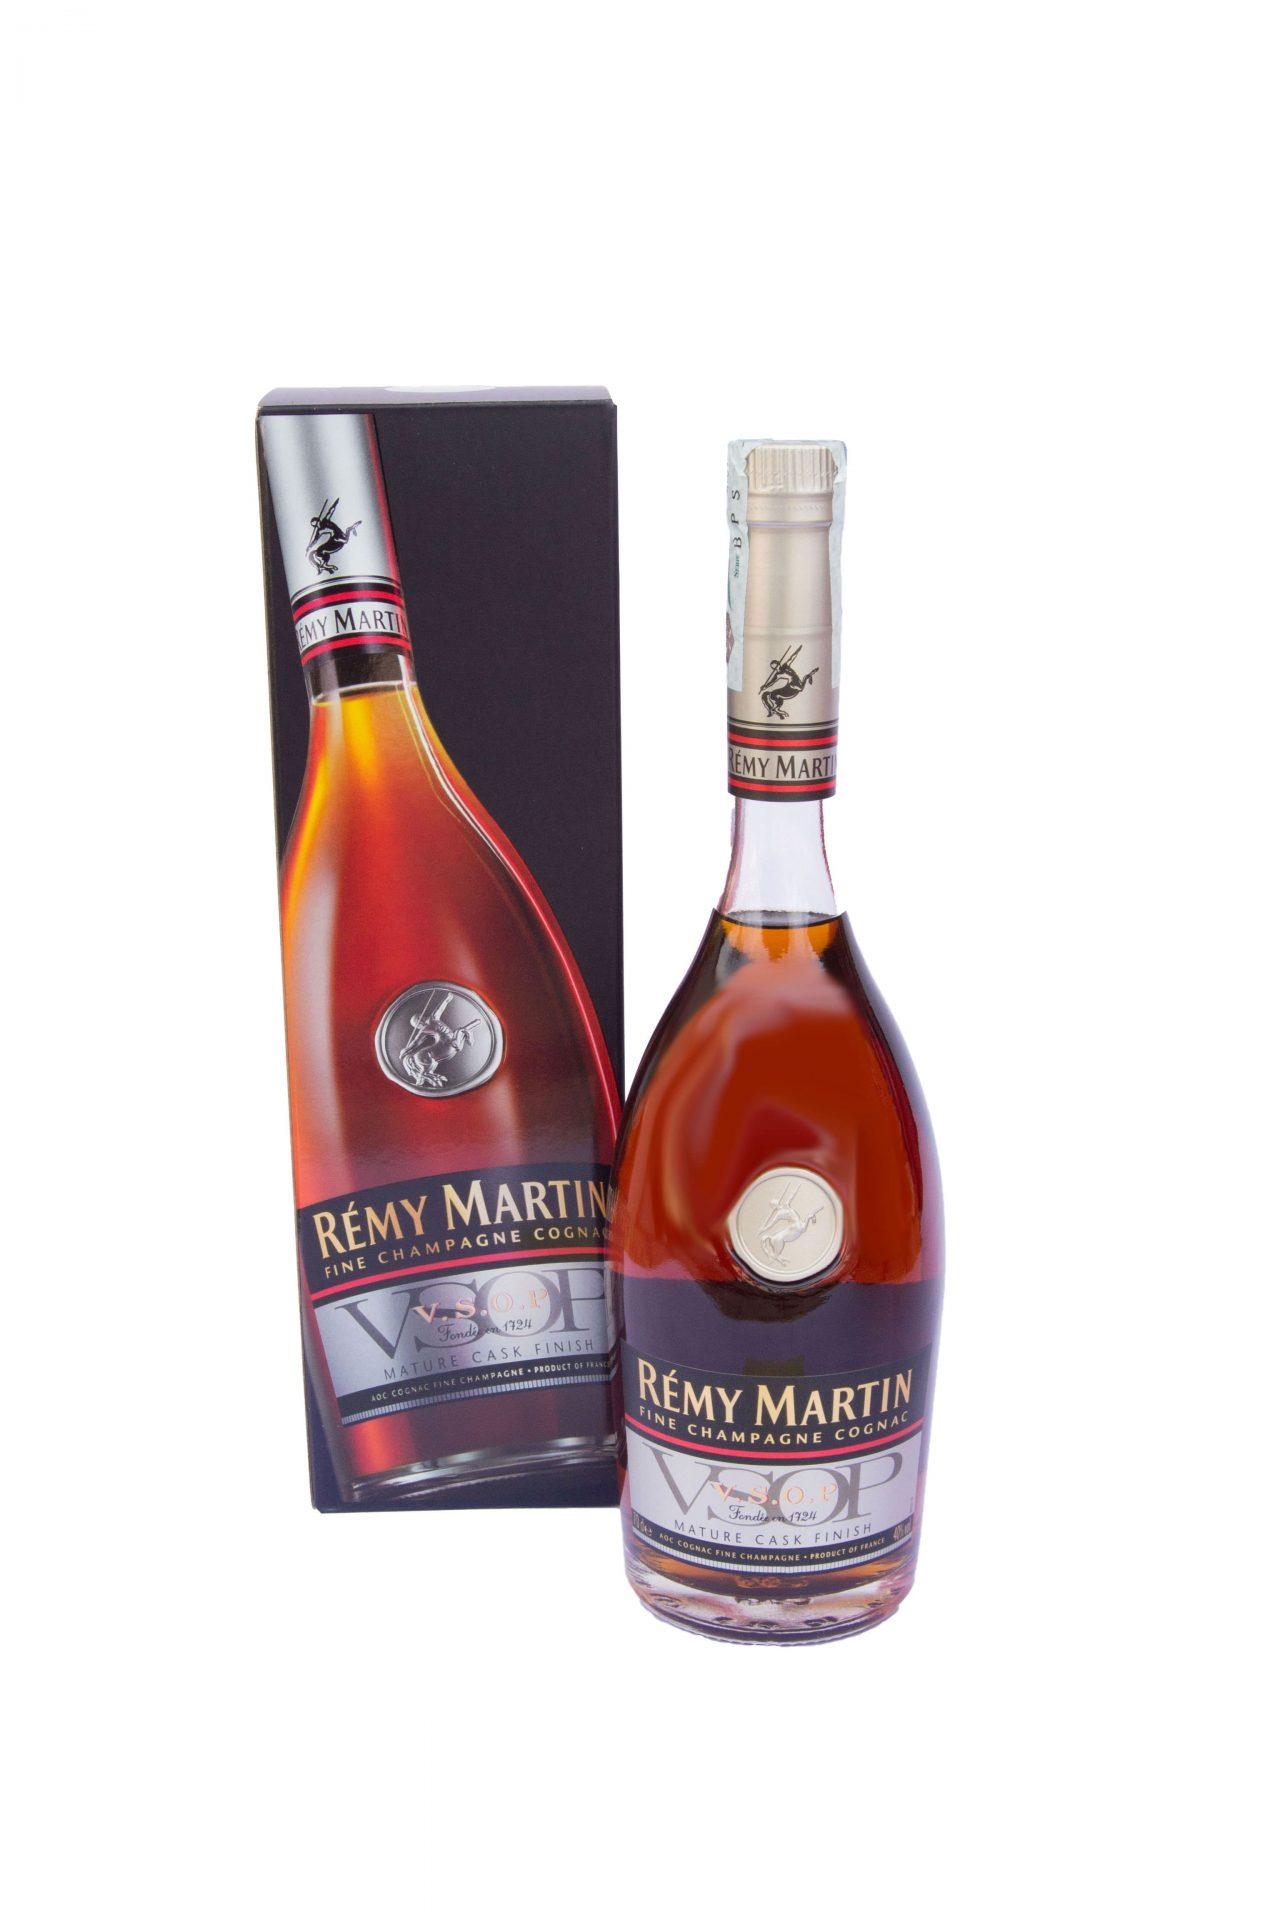 Rémy Martin – V.S.O.P.